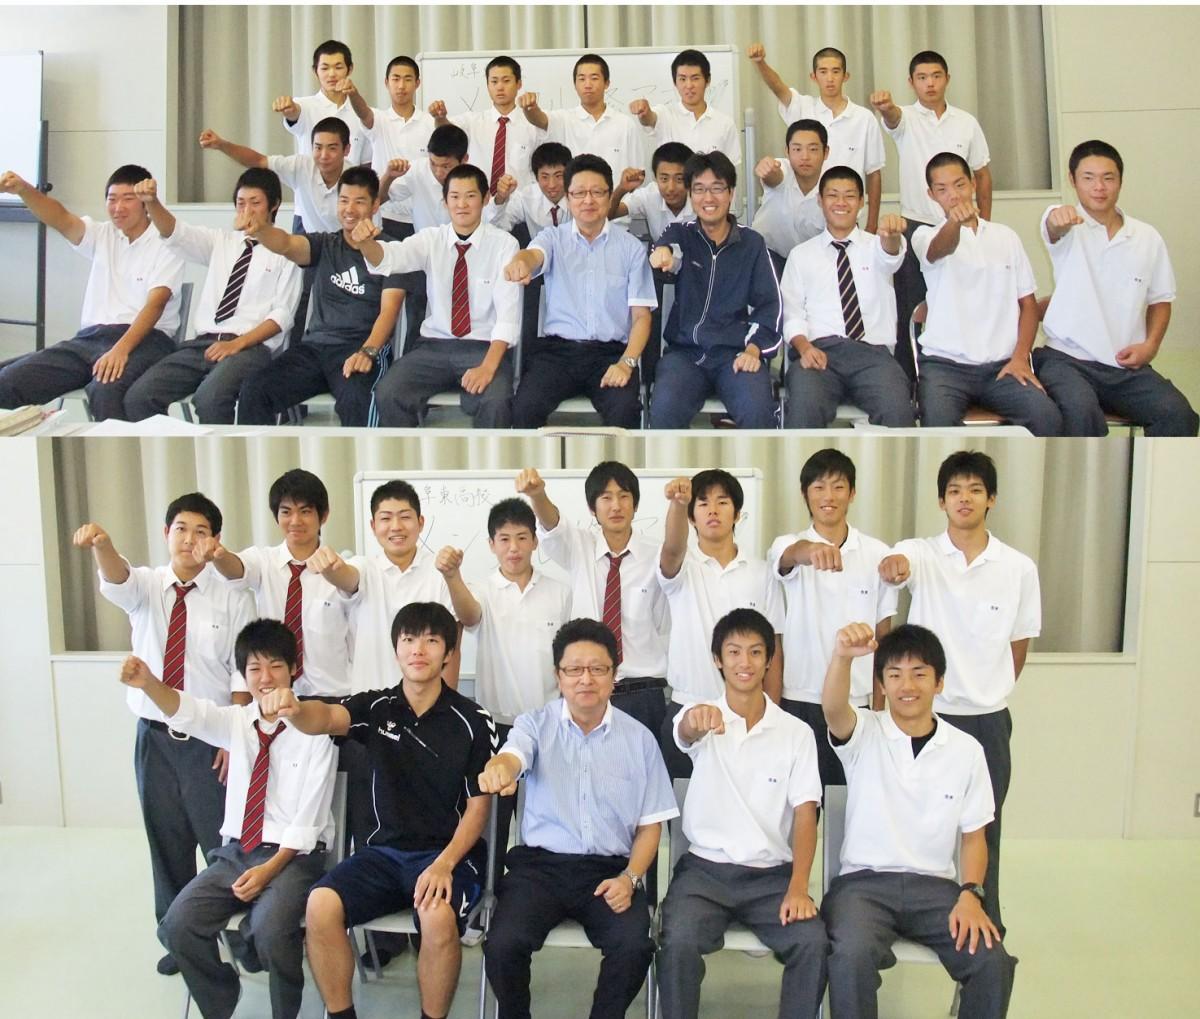 岐阜東高等学校 硬式野球部 ハンドボール部